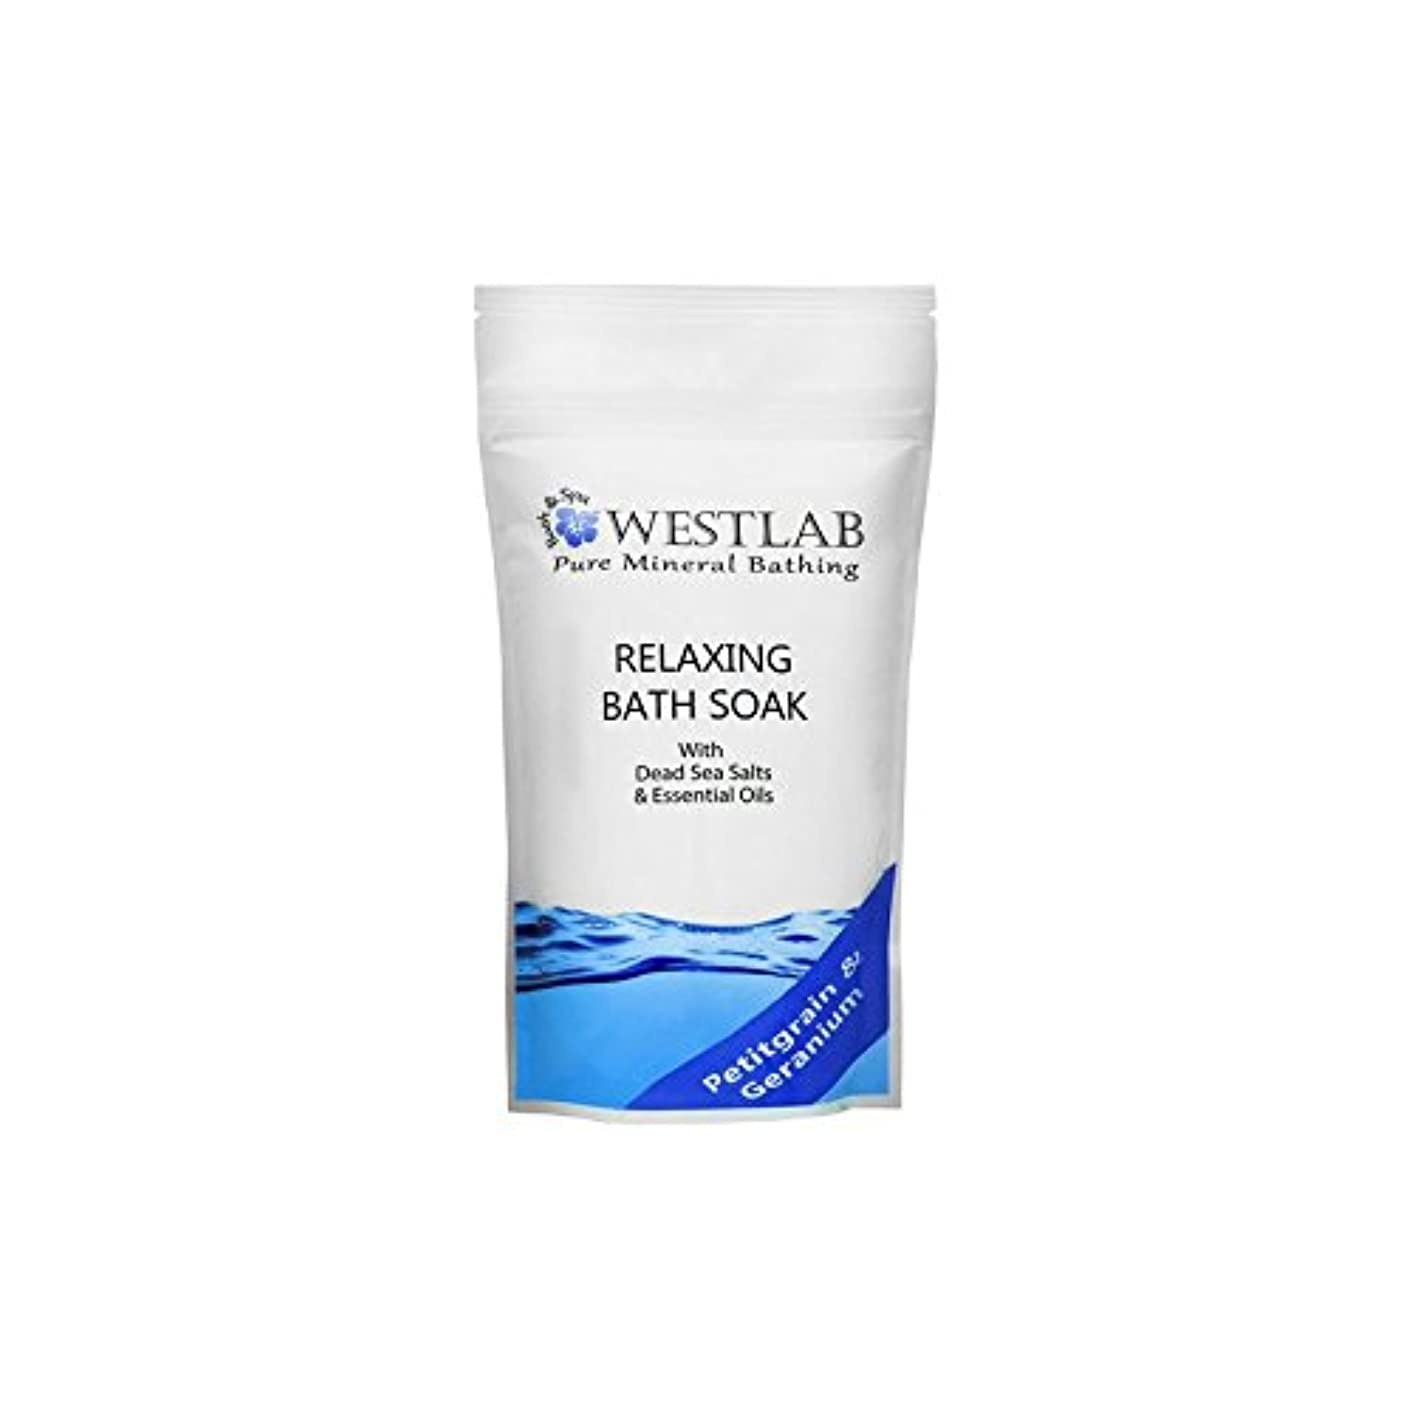 思想まとめるピッチャーWestlab Relax Dead Sea Salt Bath Soak (500g) - 死海の塩浴浸漬(500グラム)をリラックス [並行輸入品]